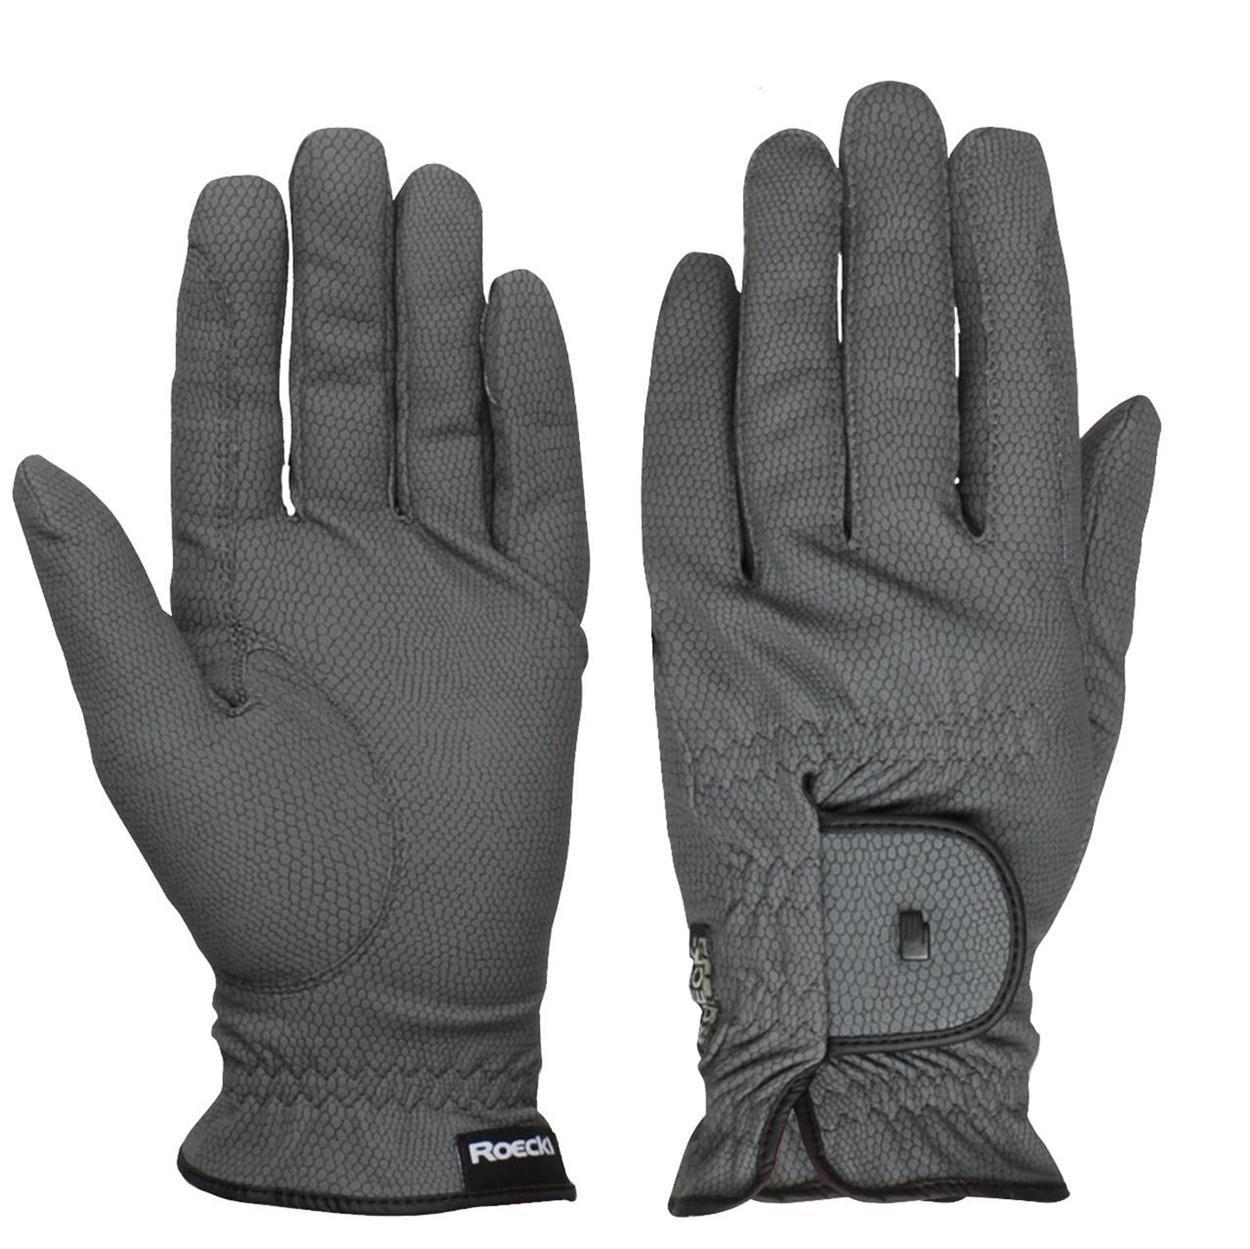 Roeckl Roeck grip Handschoen grijs maat:6